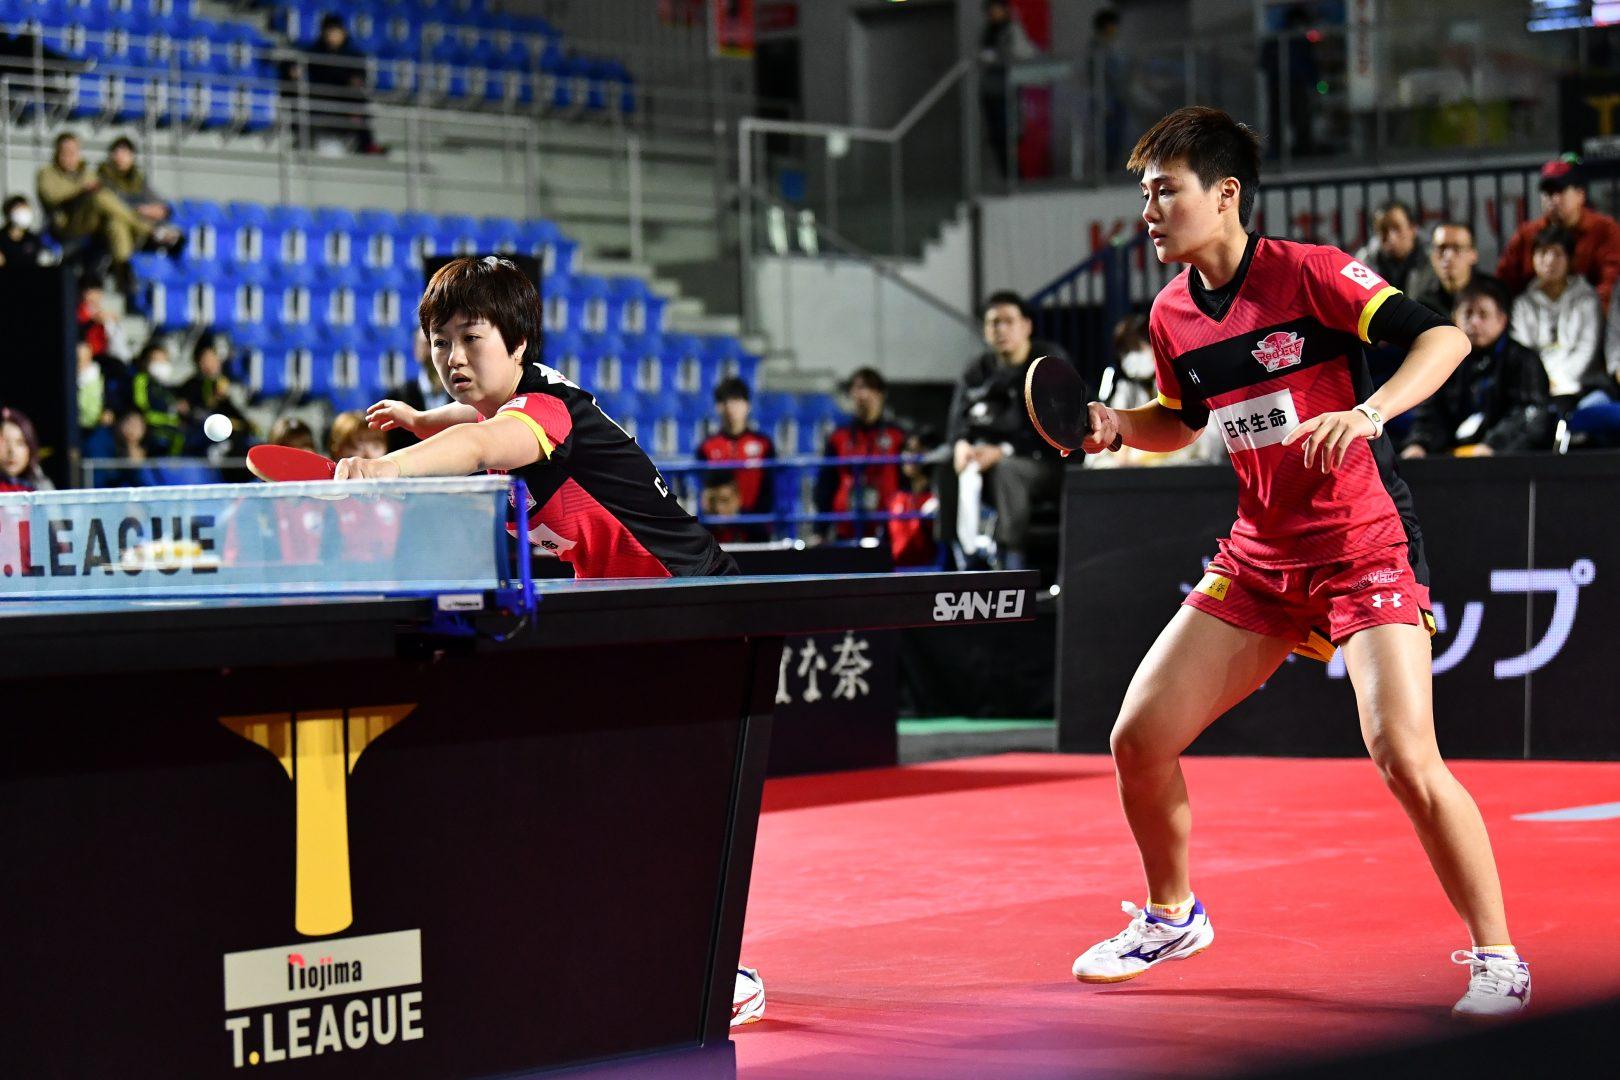 【卓球・Tリーグ】日本生命がプレーオフ進出決定 強さの秘訣はダブルスのサーブ力にあり